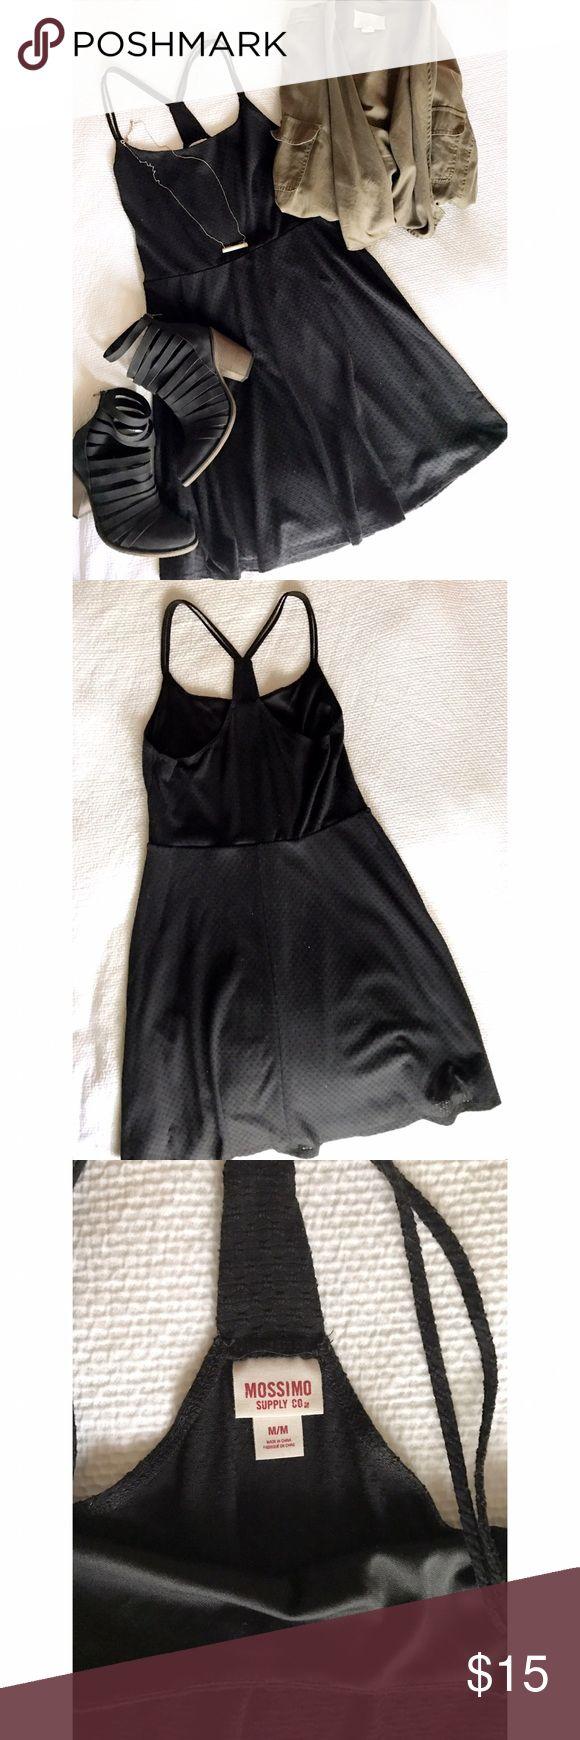 Mossimo Black Spaghetti Strap Dress Mossimo Black Spaghetti Strap Dress. Worn once, EUC. Mossimo Supply Co Dresses Mini